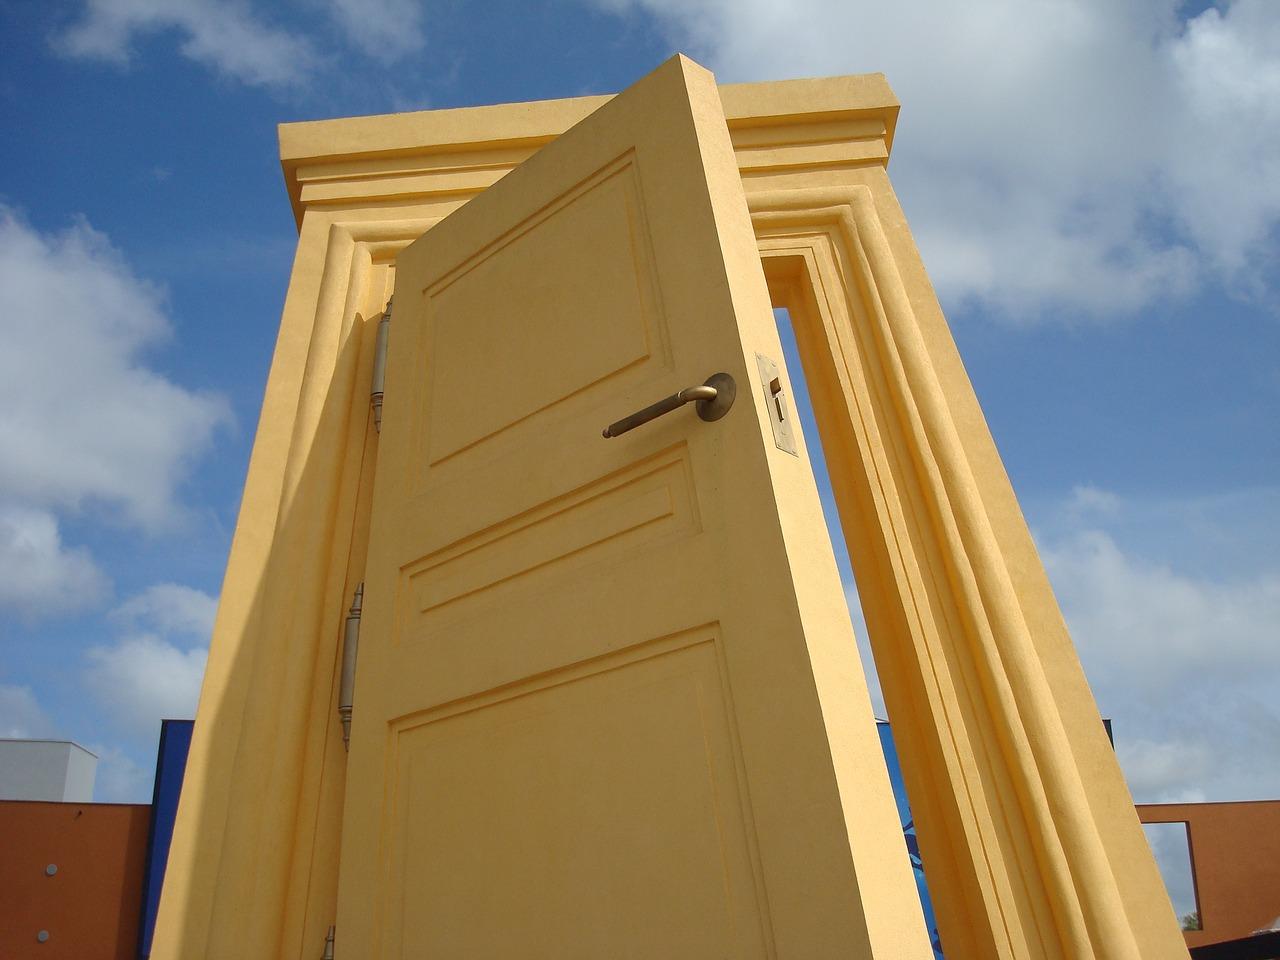 Drzwi dla Twojego domu